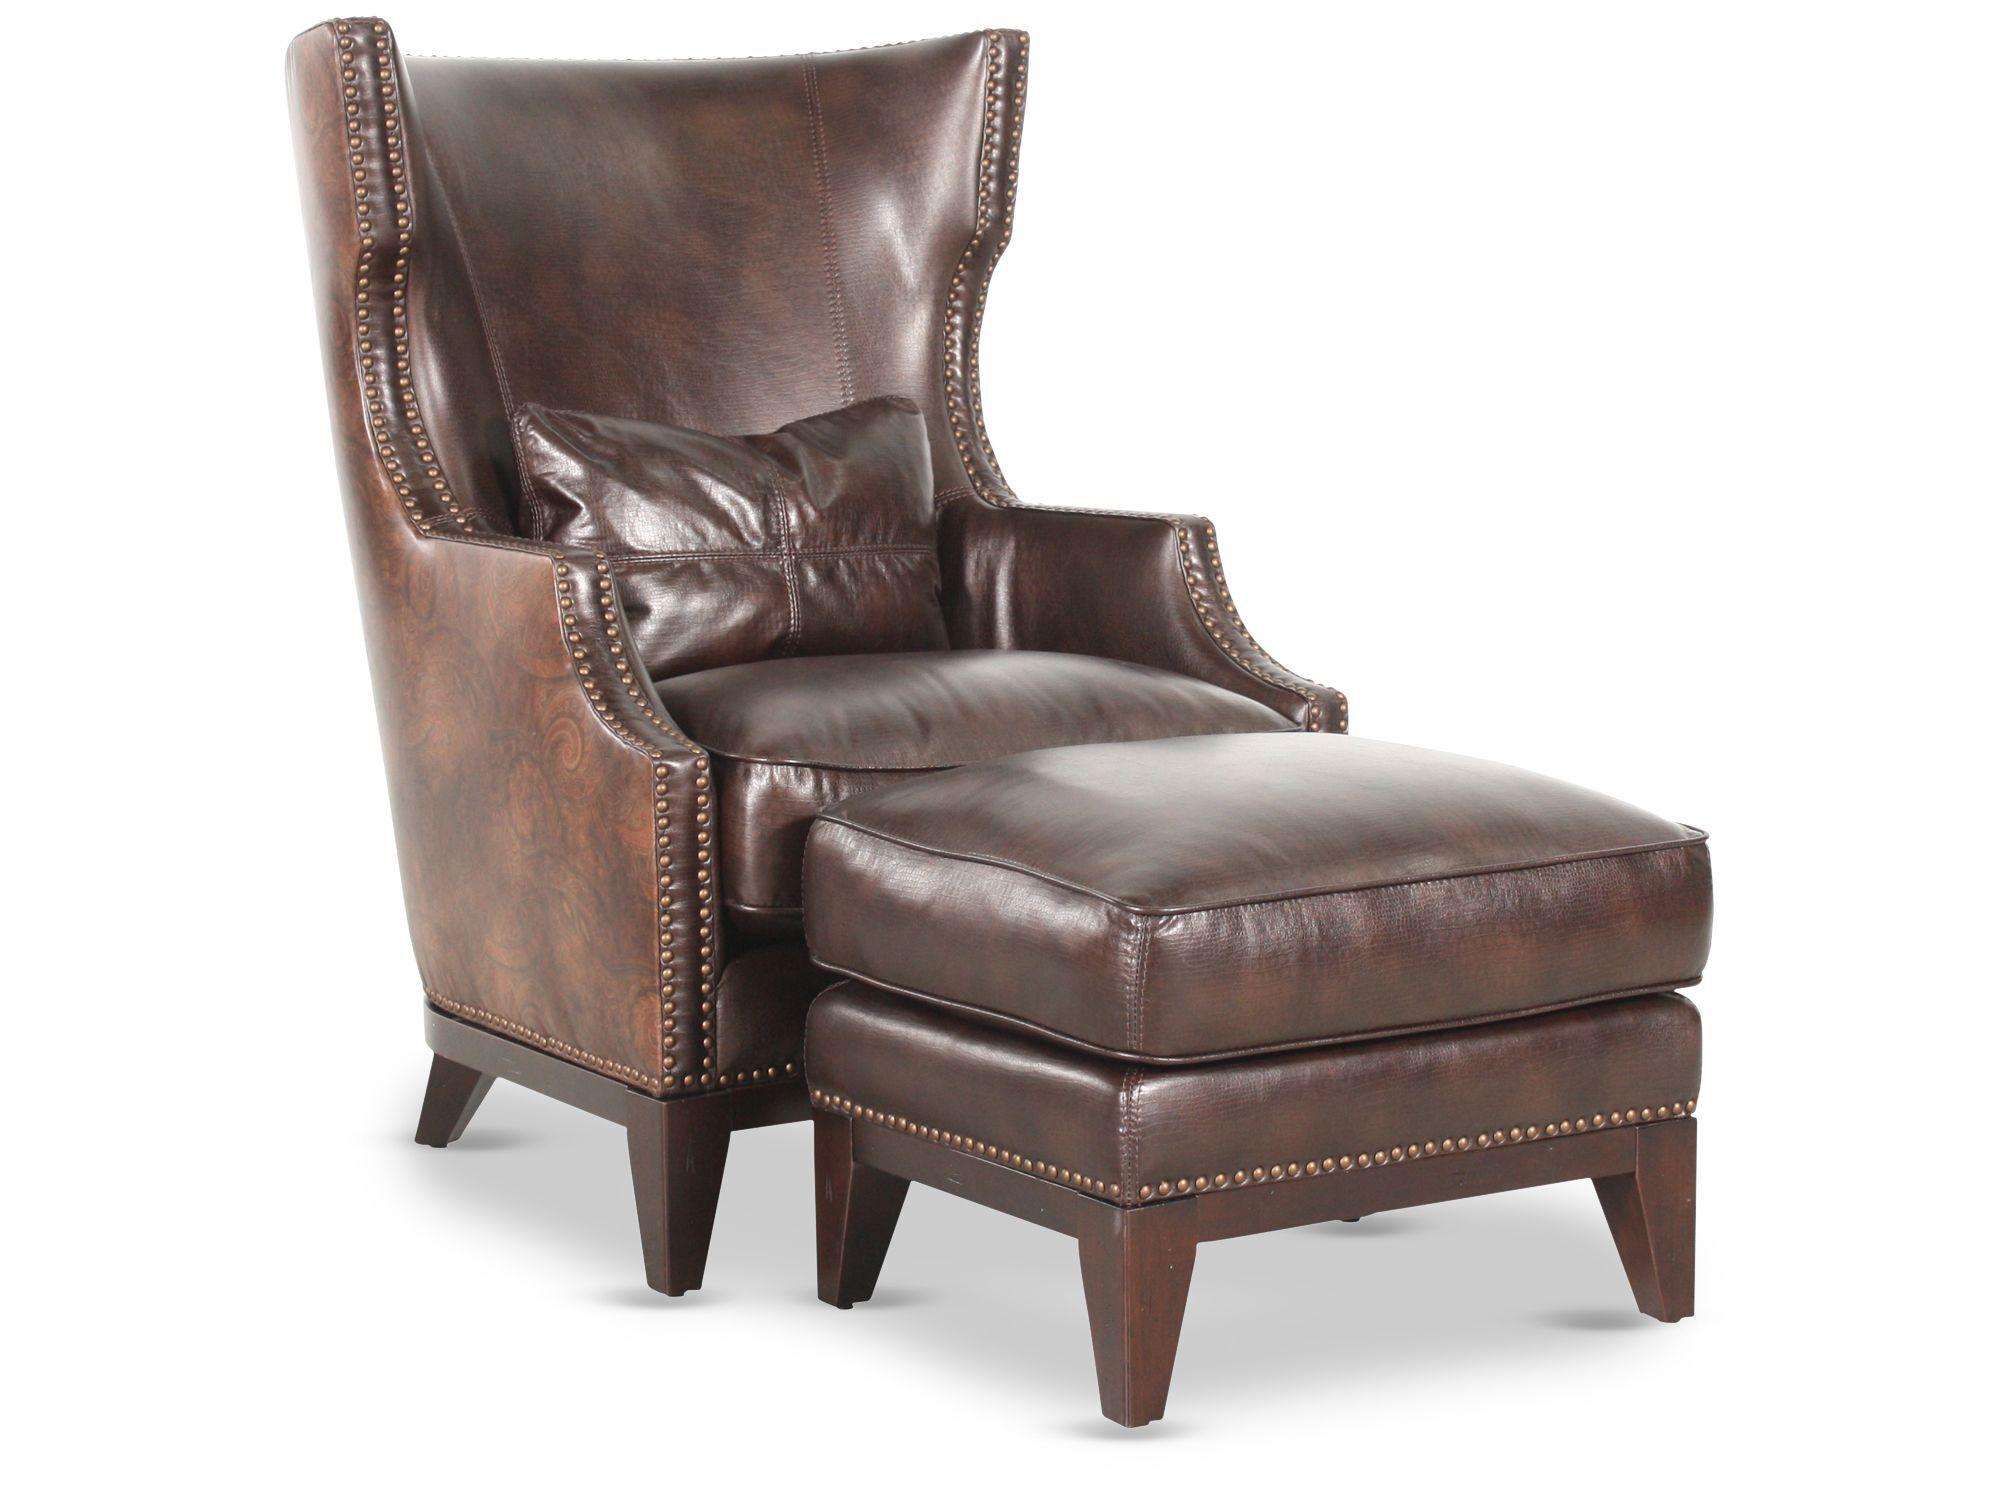 simon li paisley accent chair with ottoman